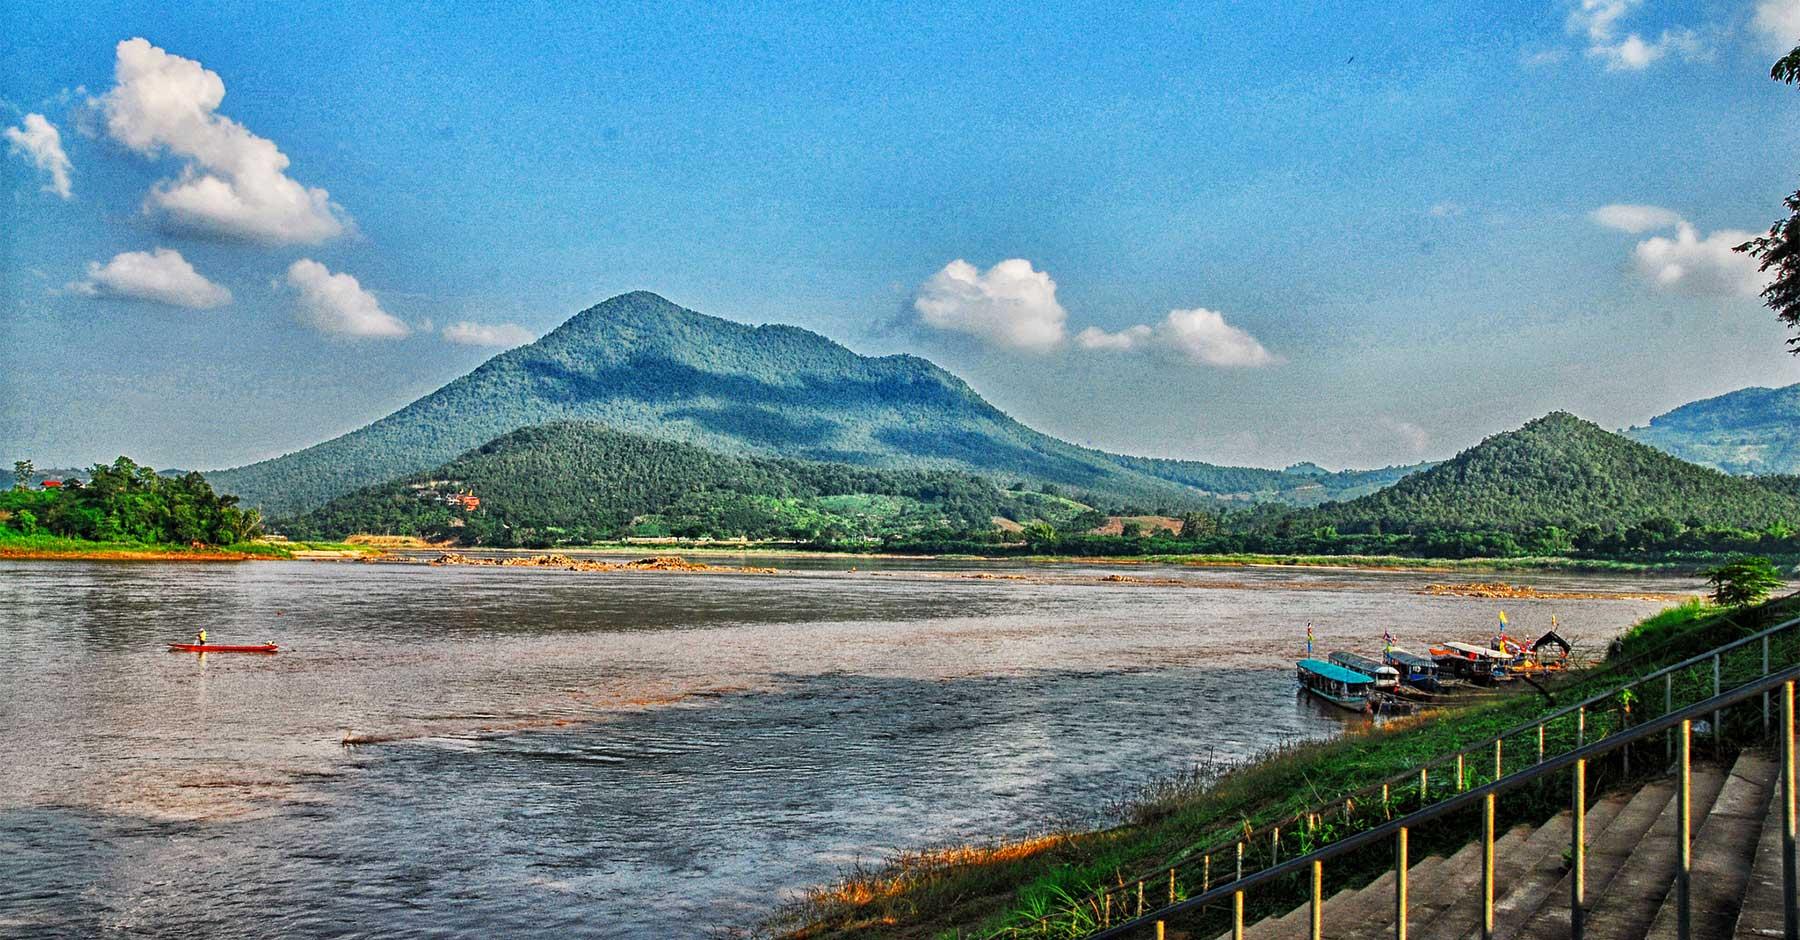 Les paysages exceptionnels de la province de Loei